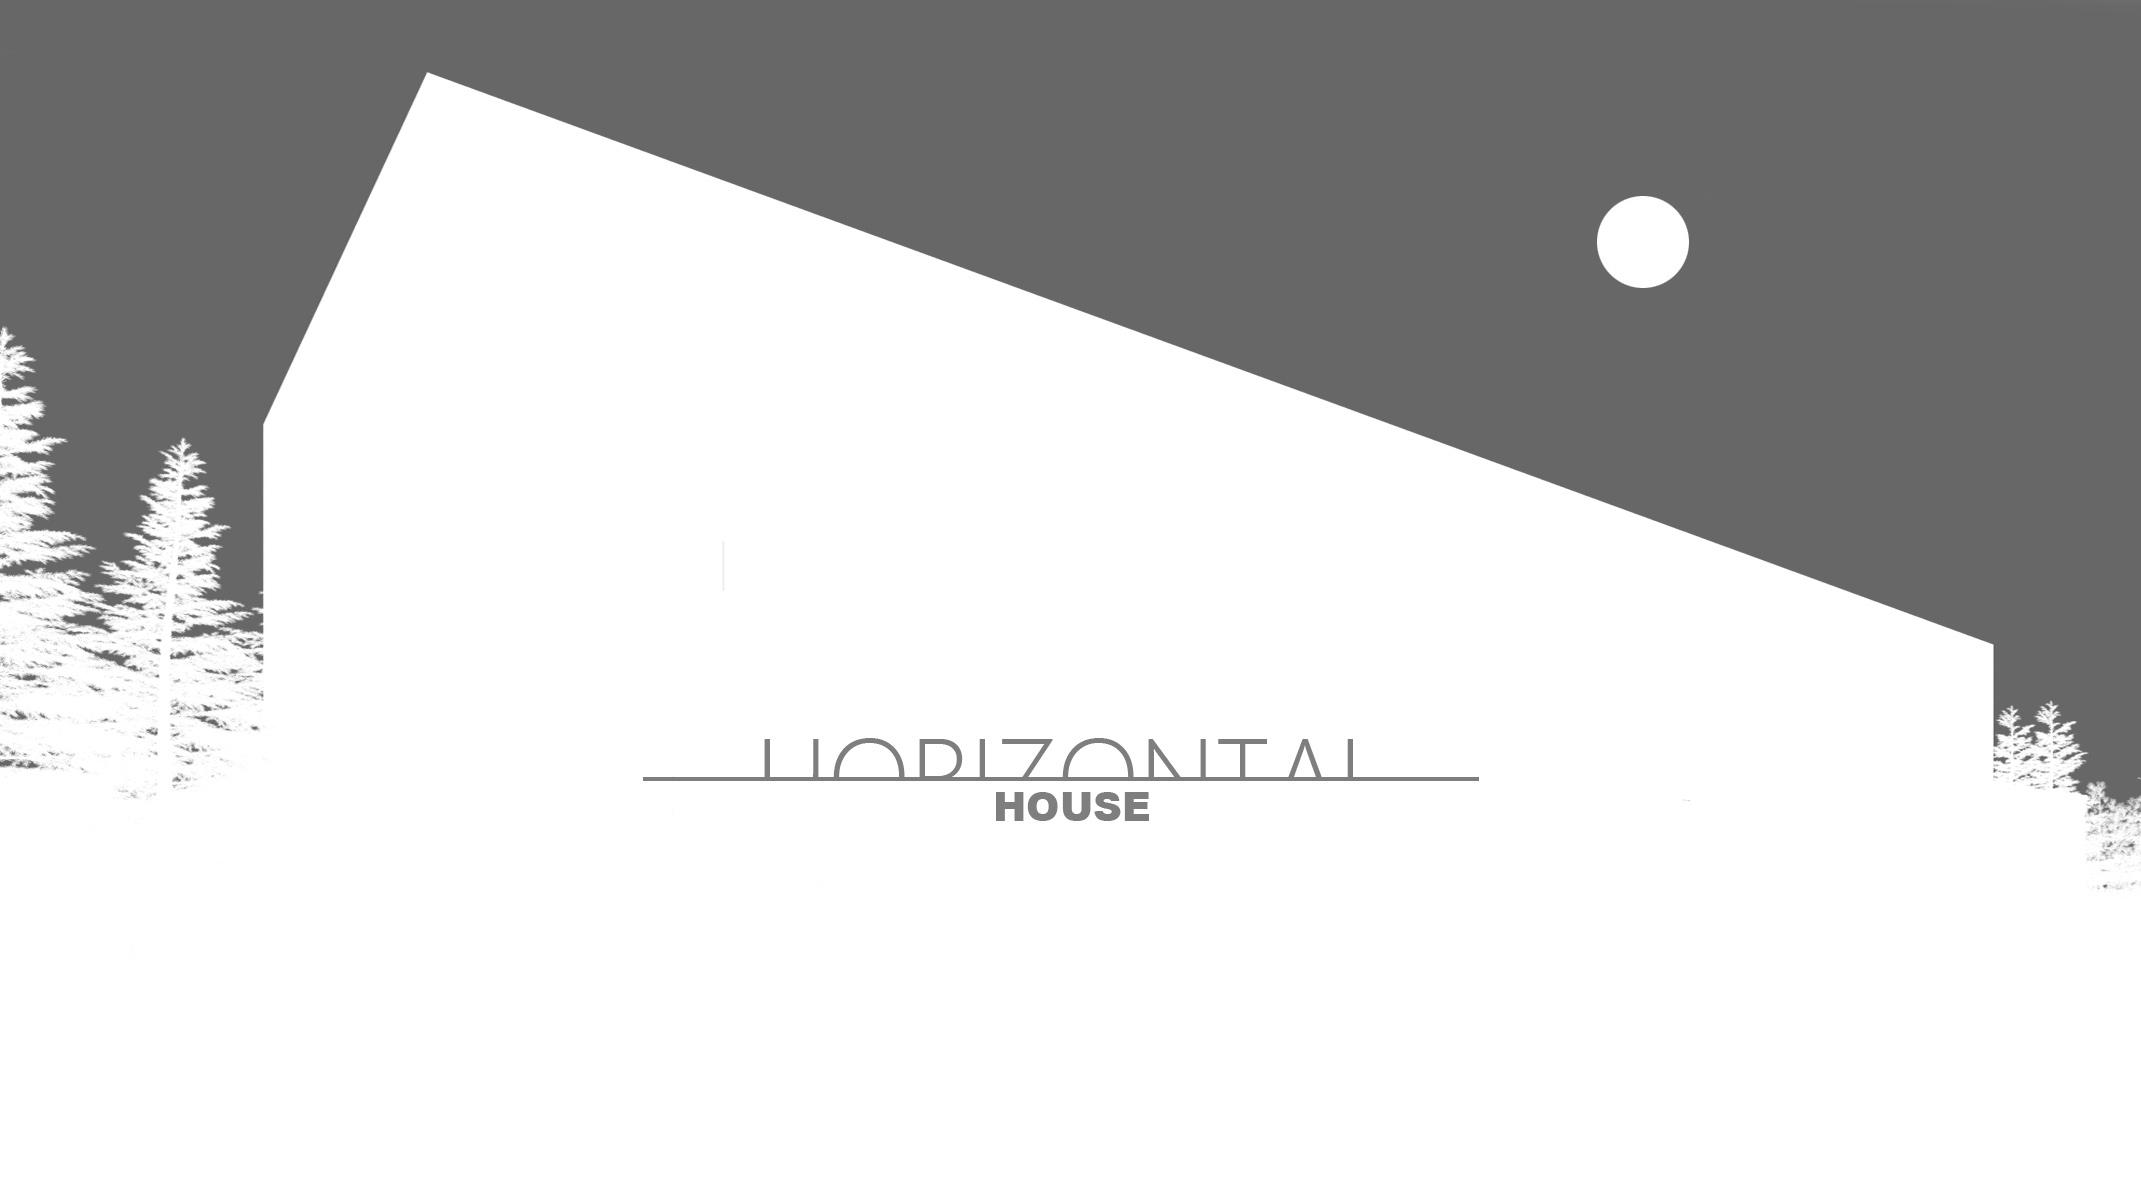 Horizontal House - okładka